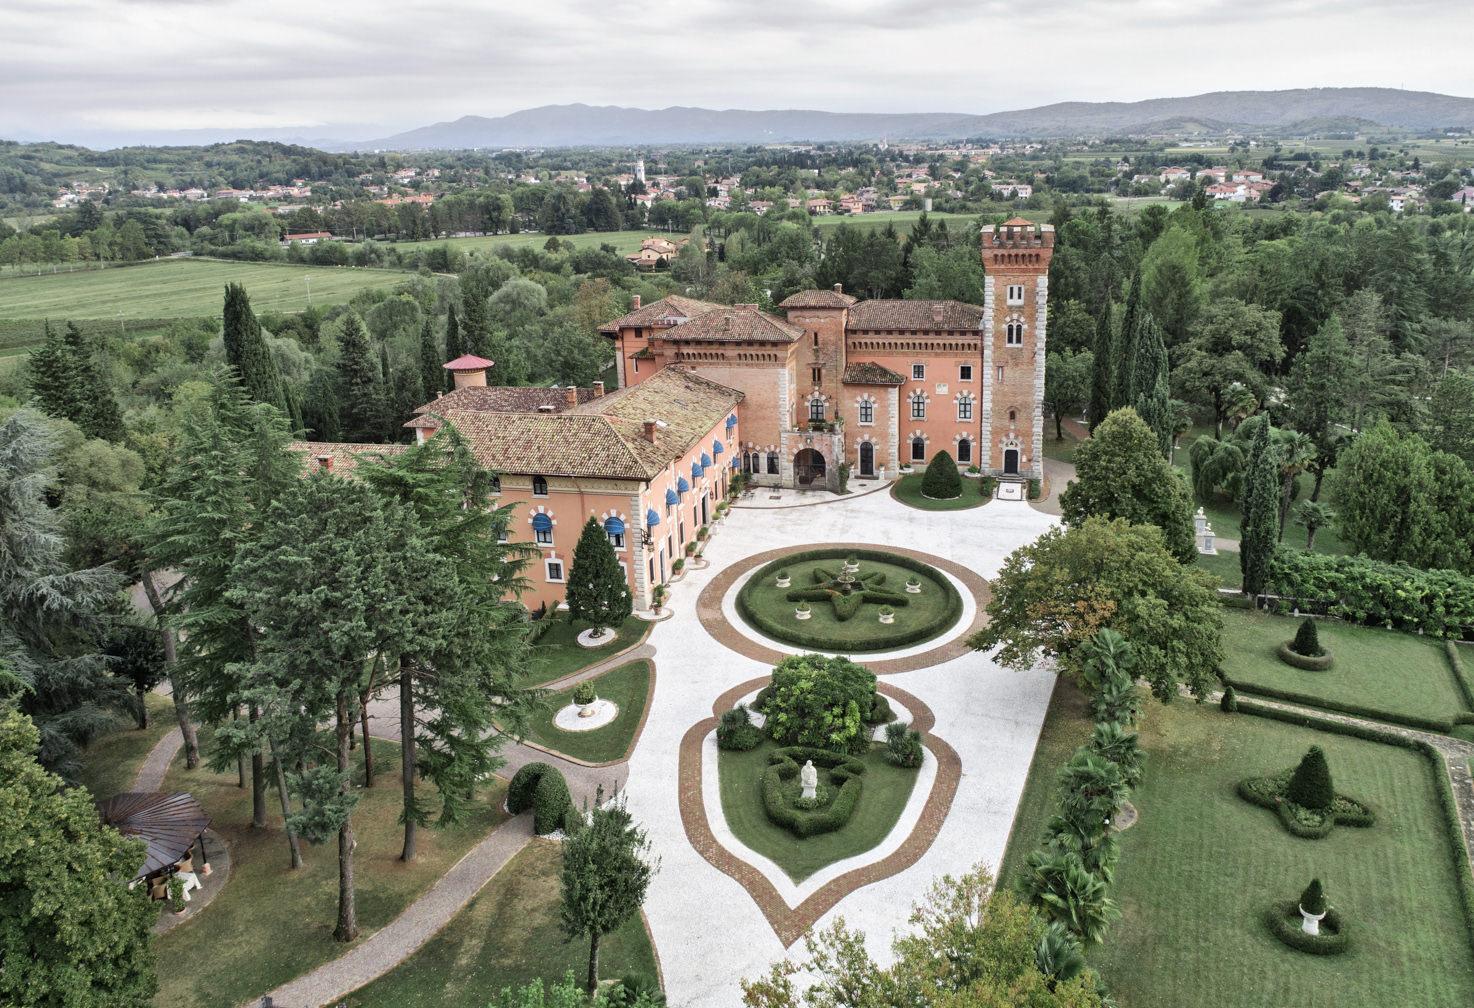 Overview of Castello di Spessa